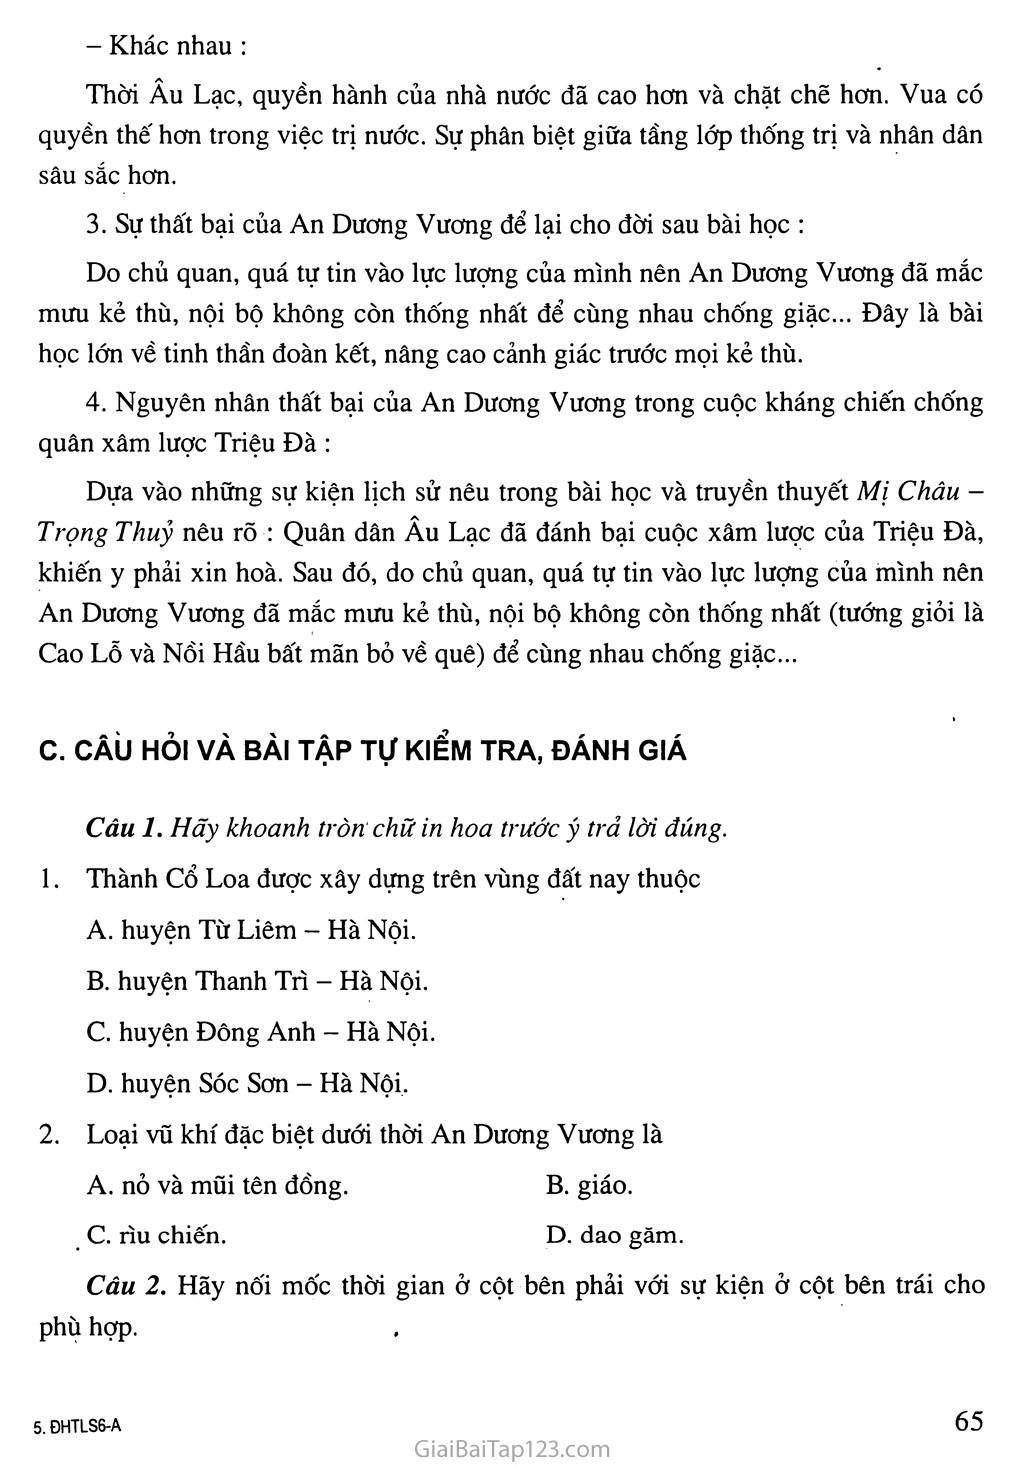 Bài 15: Nước Âu Lạc (tiếp theo) trang 4